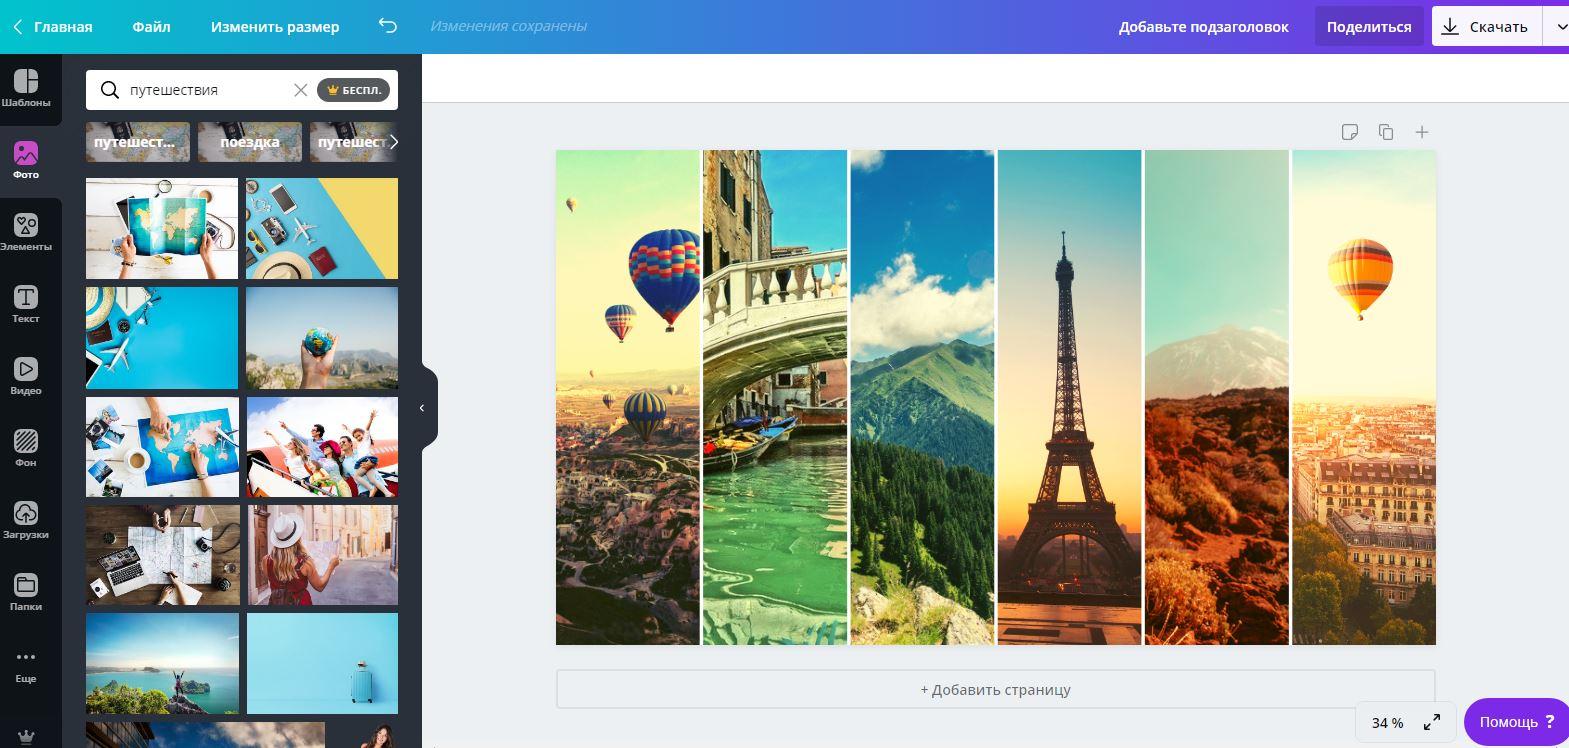 Скриншот как сделать баннер для ютуба онлайн